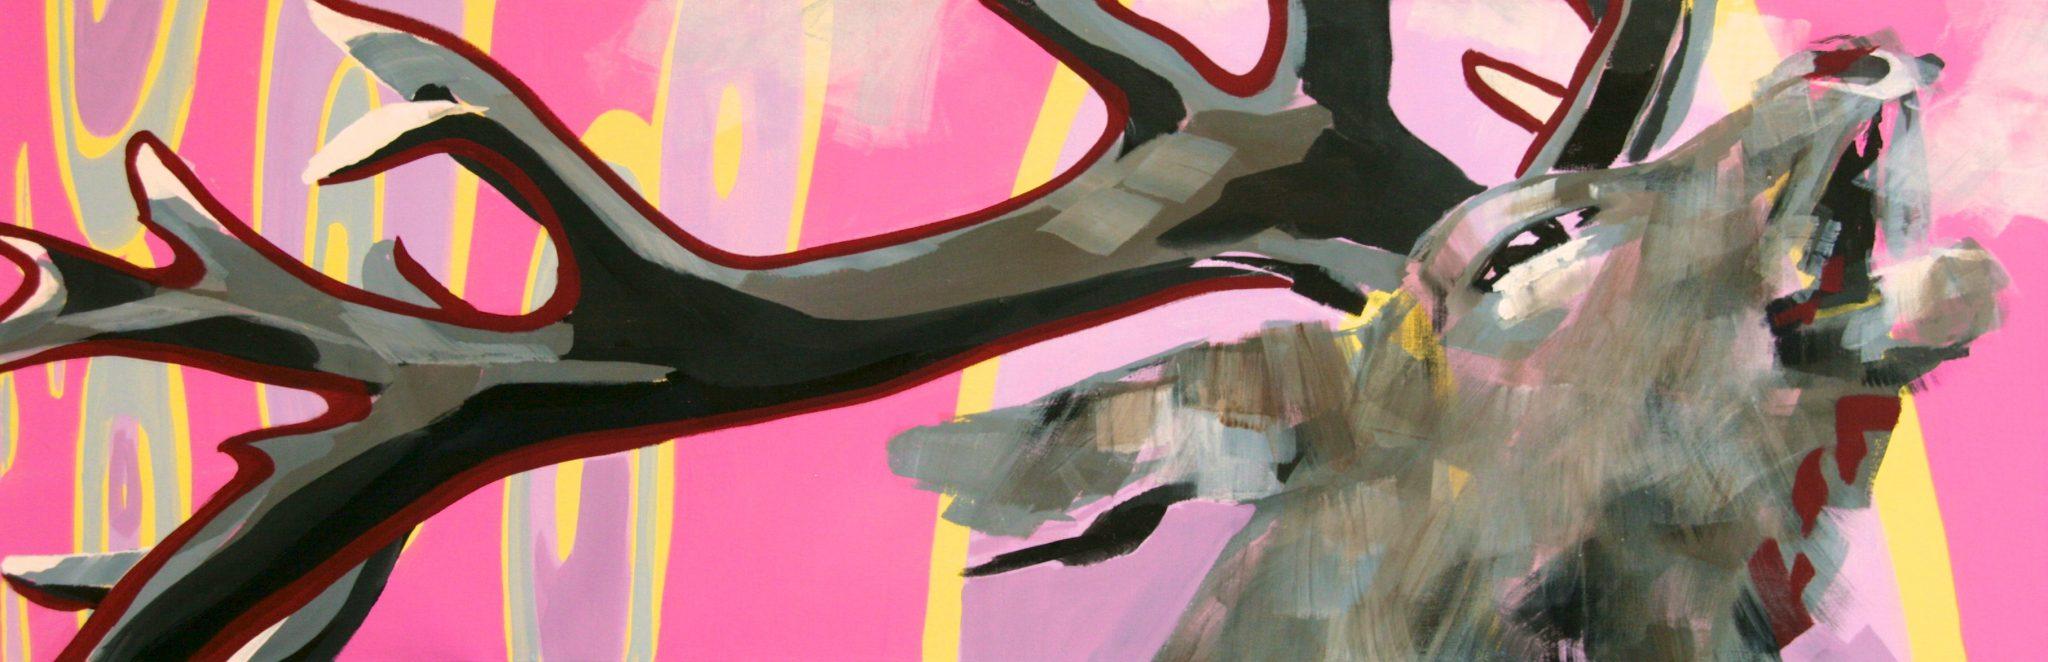 Röhren auf Pink